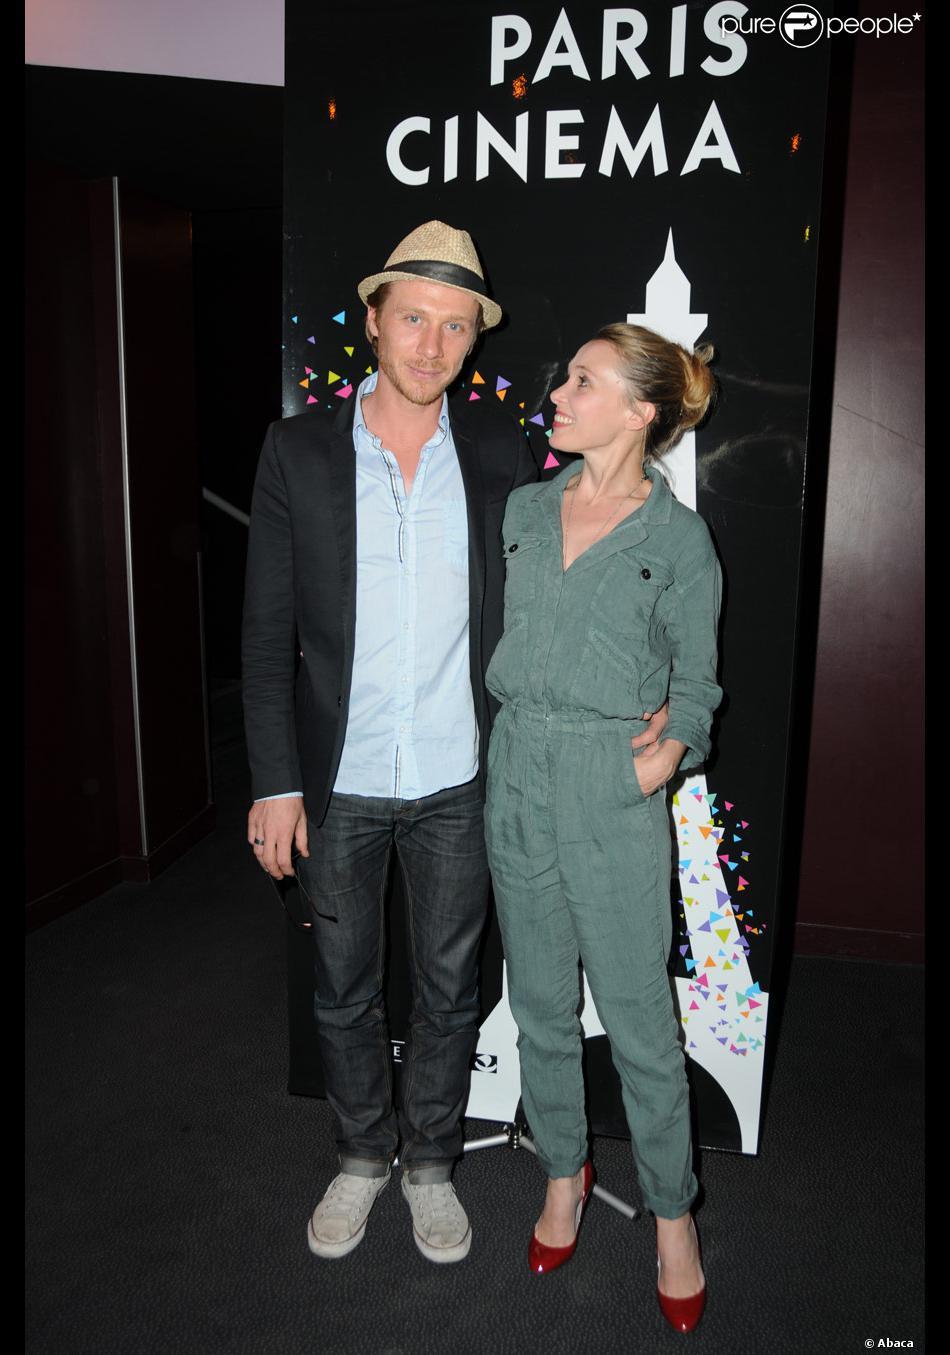 Nicolas Bridet et Anne Marivin lors de l'avant-première du film Tu seras  mon fils dans le cadre du festival Paris Cinéma le 4 juillet 2011